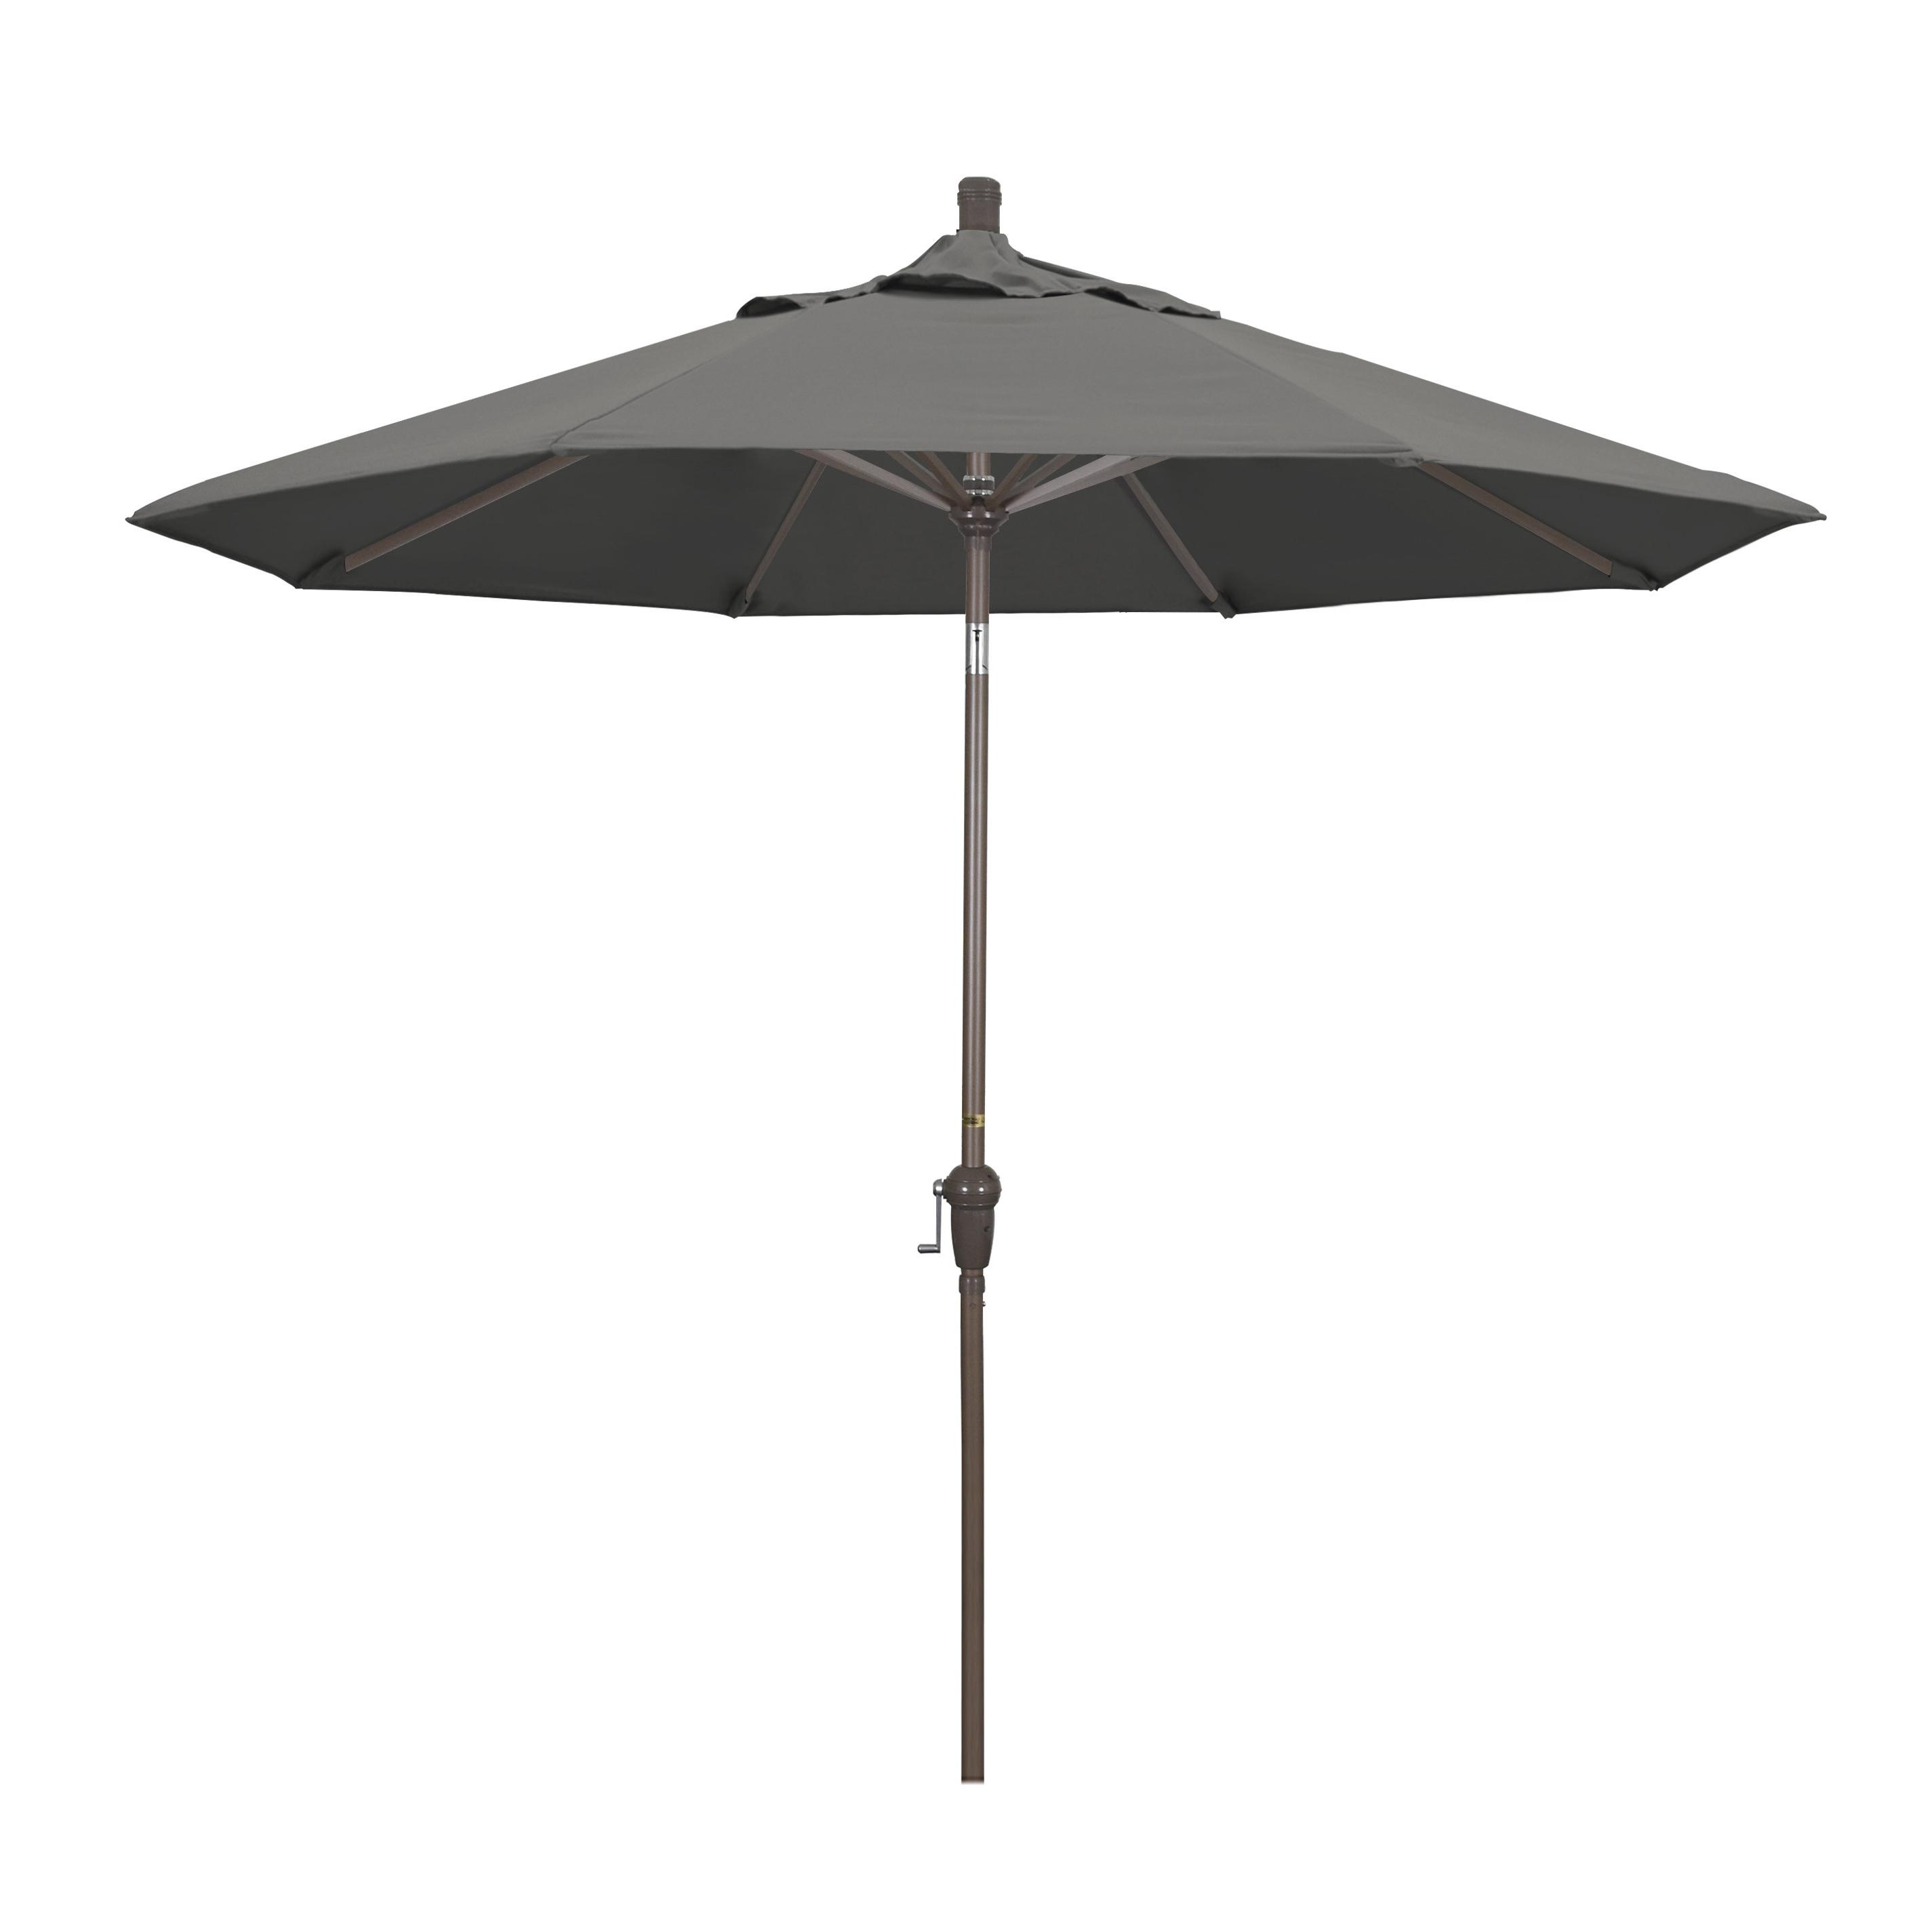 Popular Mullaney 9' Market Sunbrella Umbrella With Crowland Market Sunbrella Umbrellas (View 6 of 20)